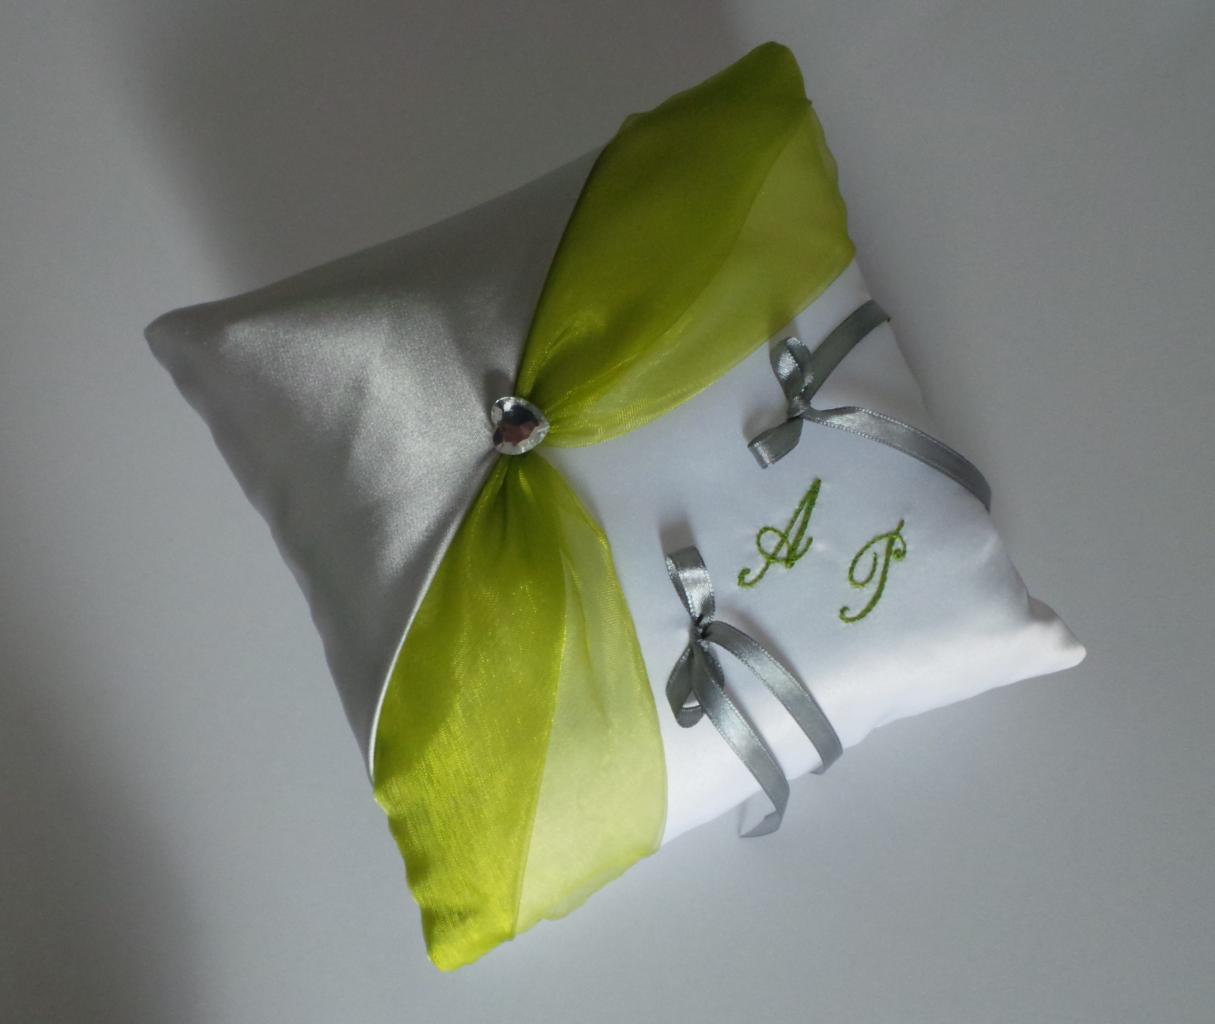 coussin alliances vert anis gris argent(19)